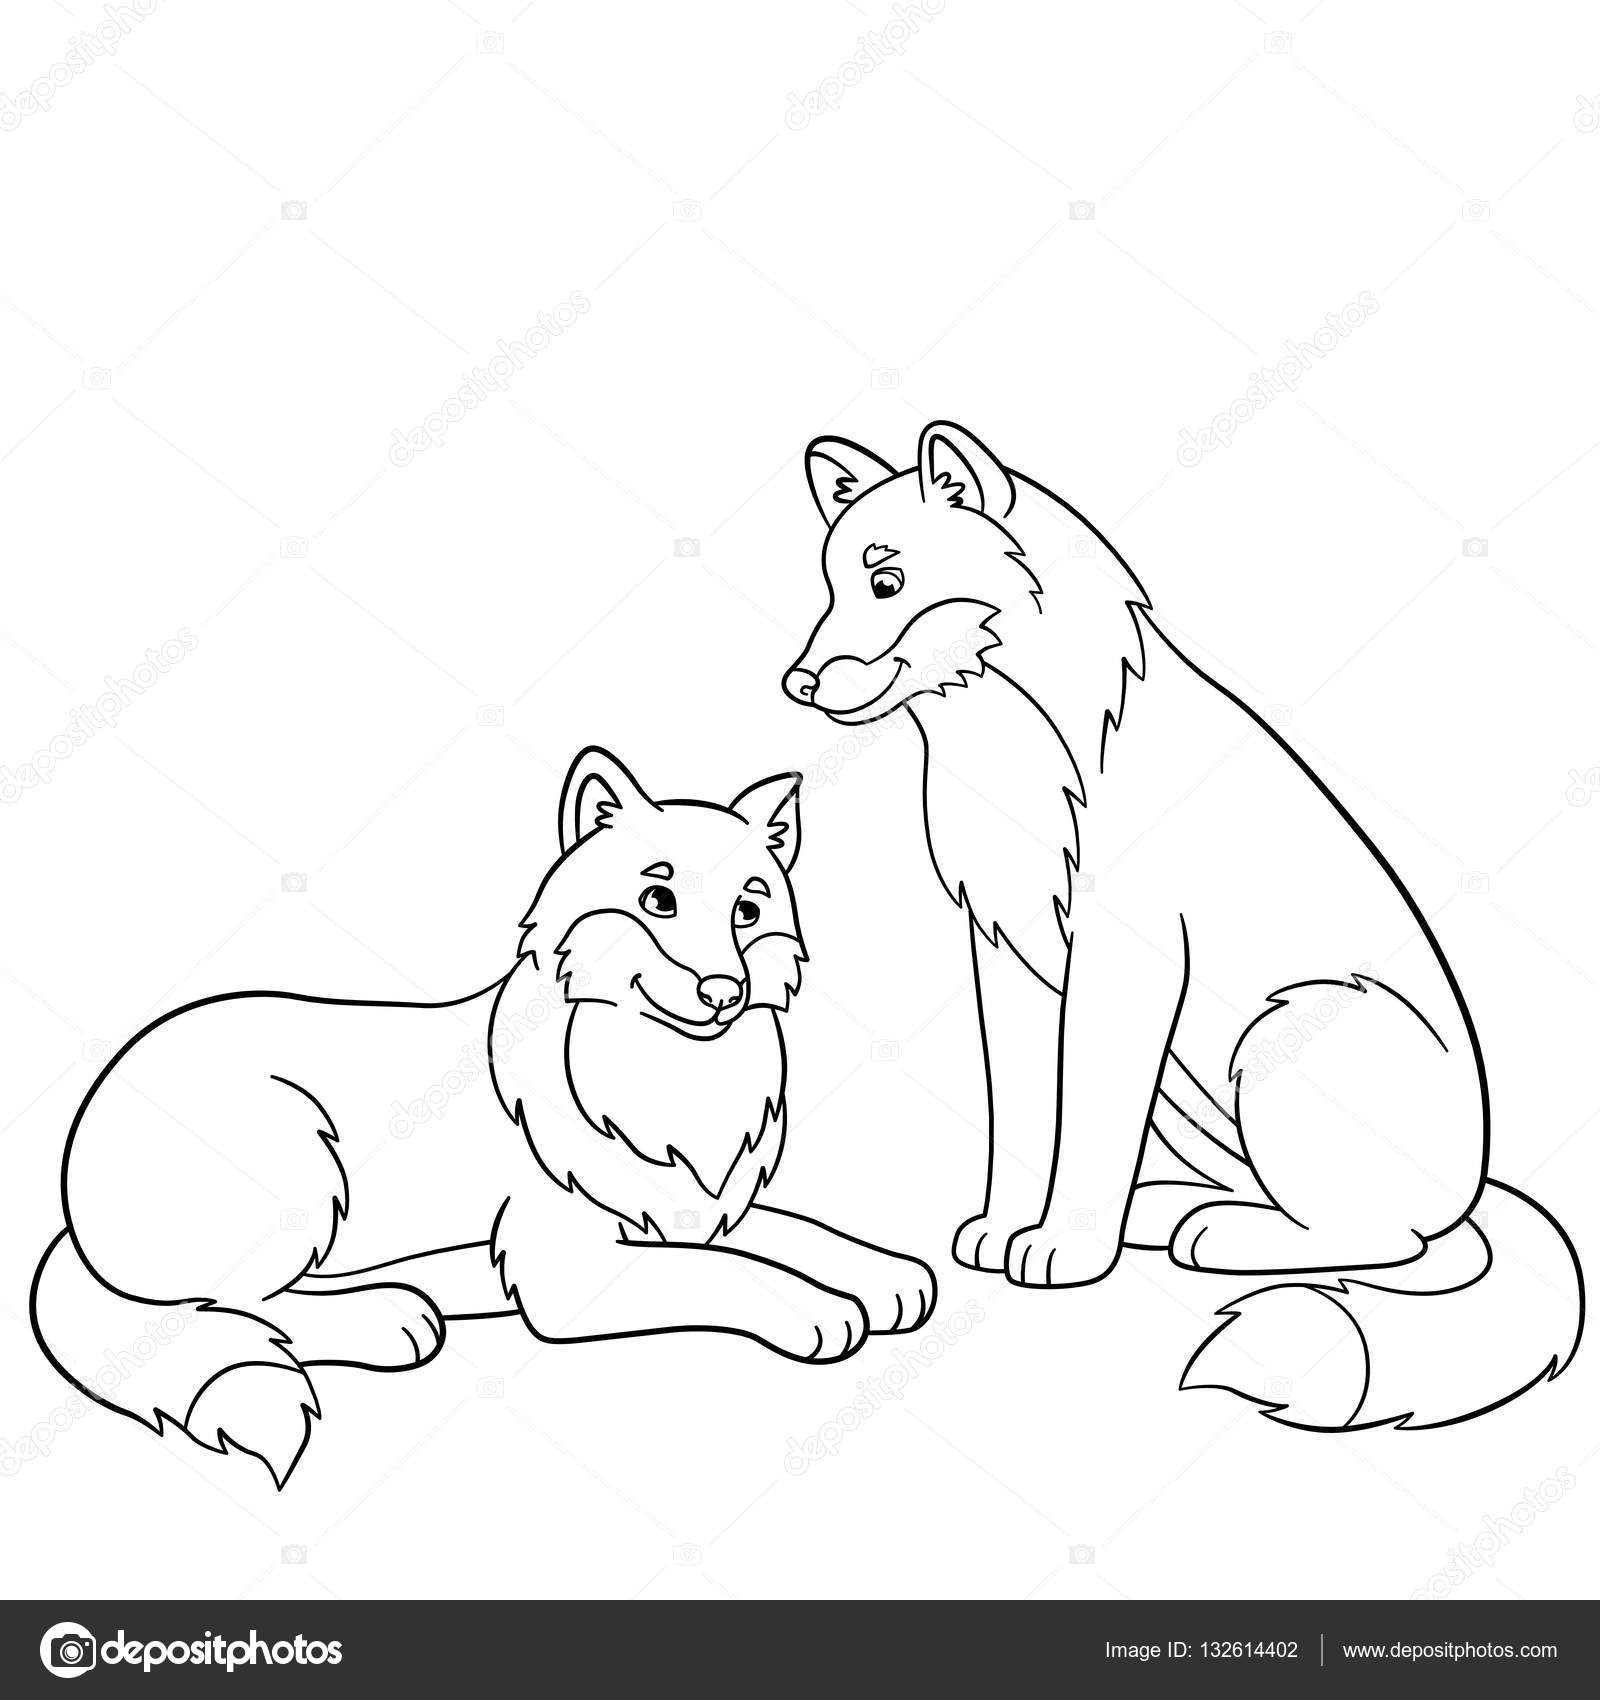 Páginas Para Colorir Dois Lobos Bonitos Bonitos Vetores De Stock